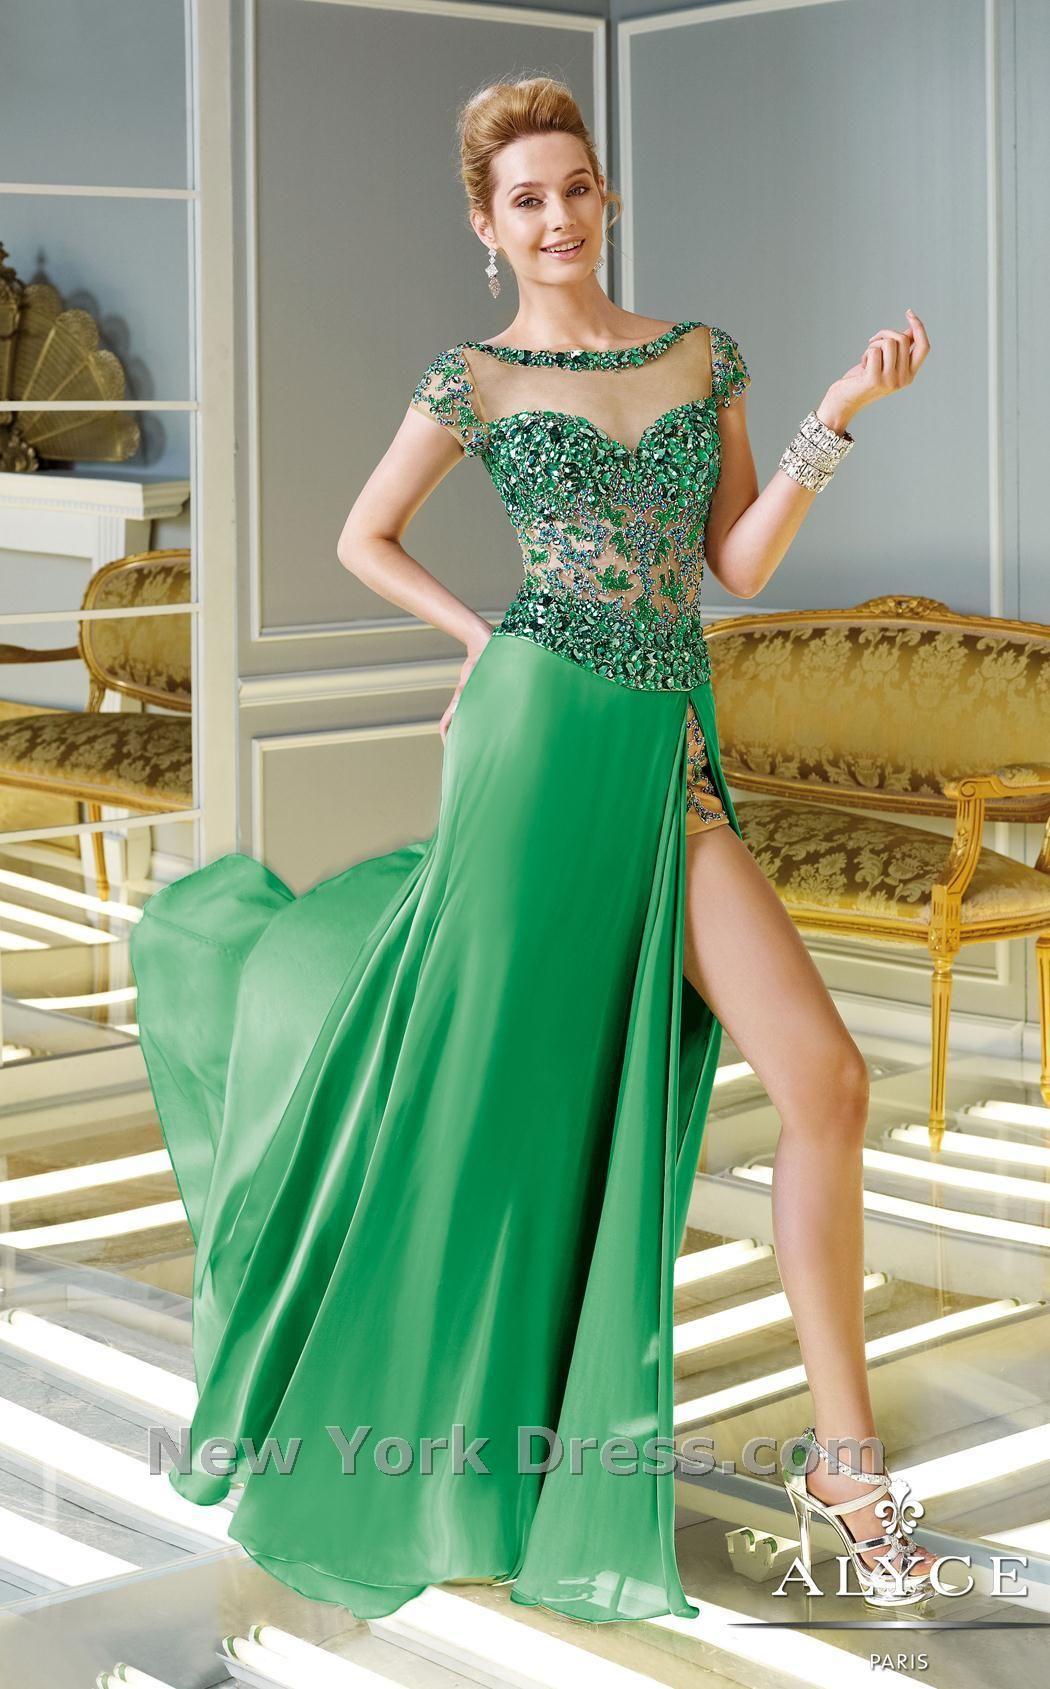 Alyce paris designs i want pinterest paris design gowns and